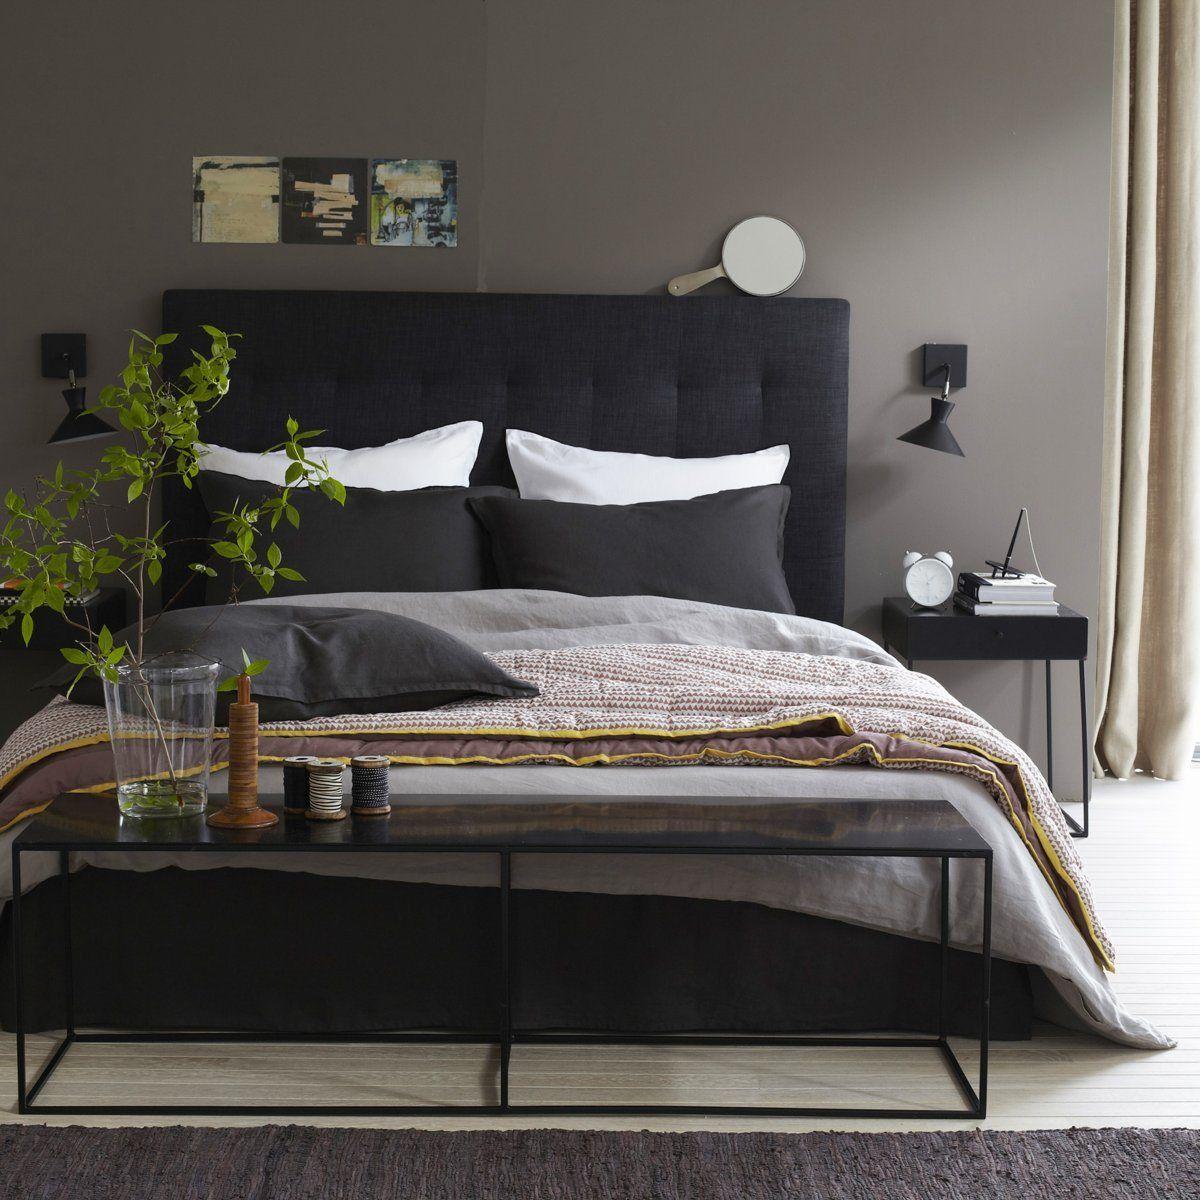 noir, gris, blanc, brun | chambre | Pinterest | Tête de lit ...